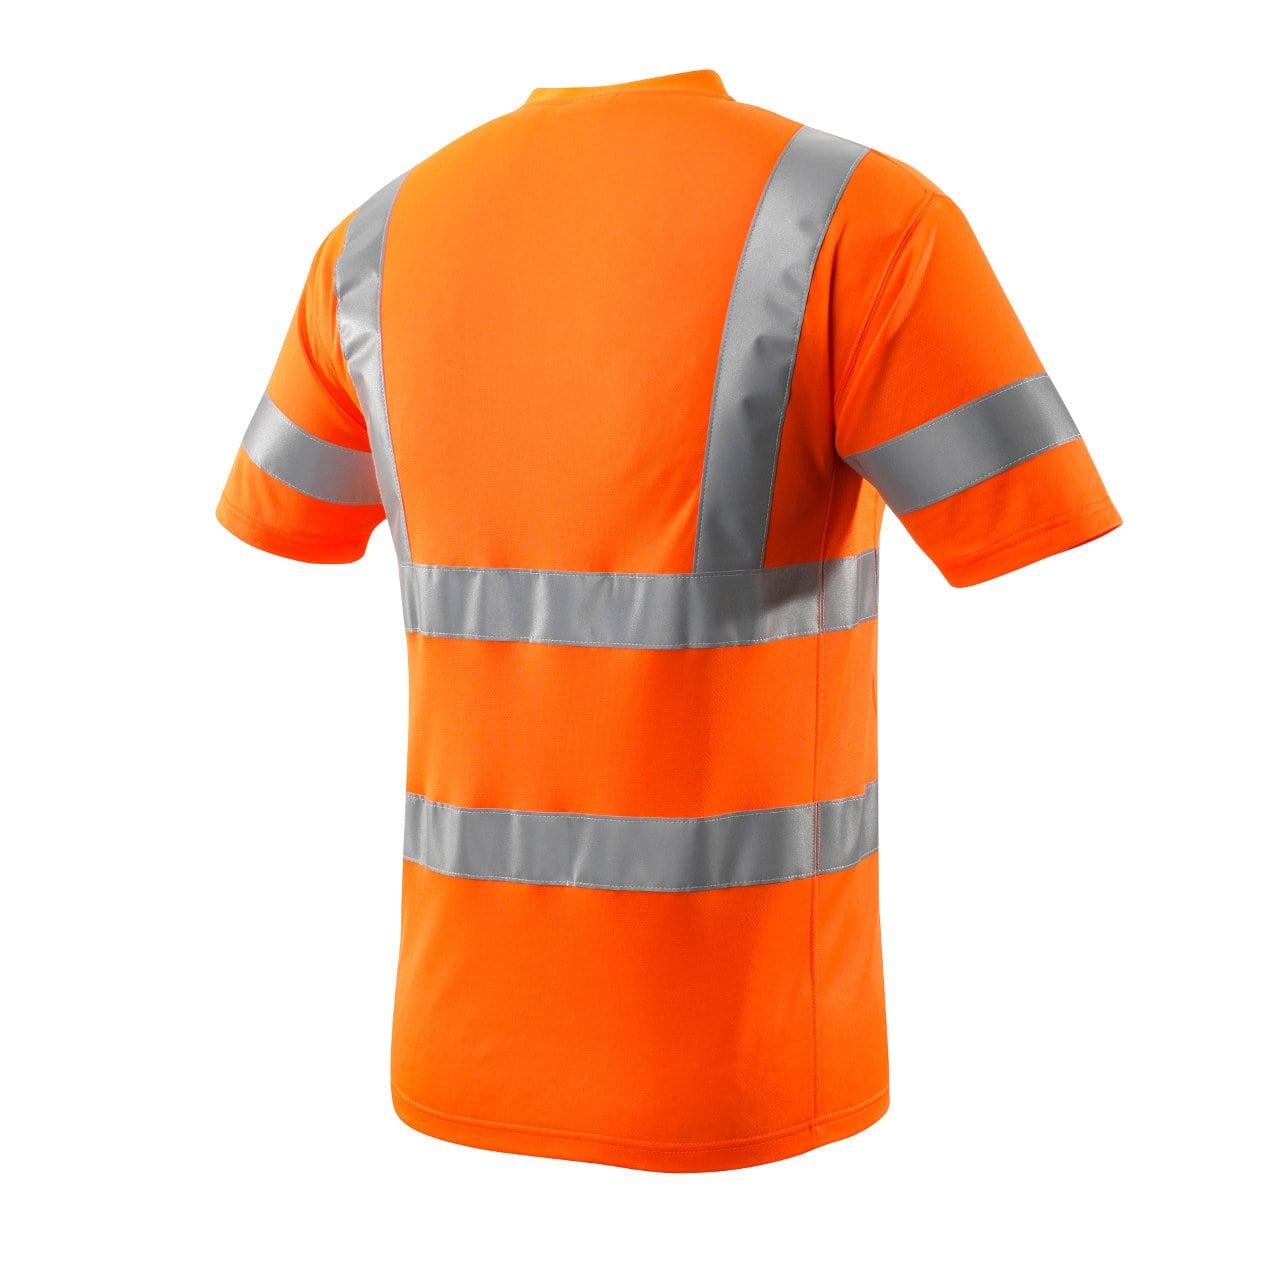 Warnschutzkleidung En 471 Warnschutzhose